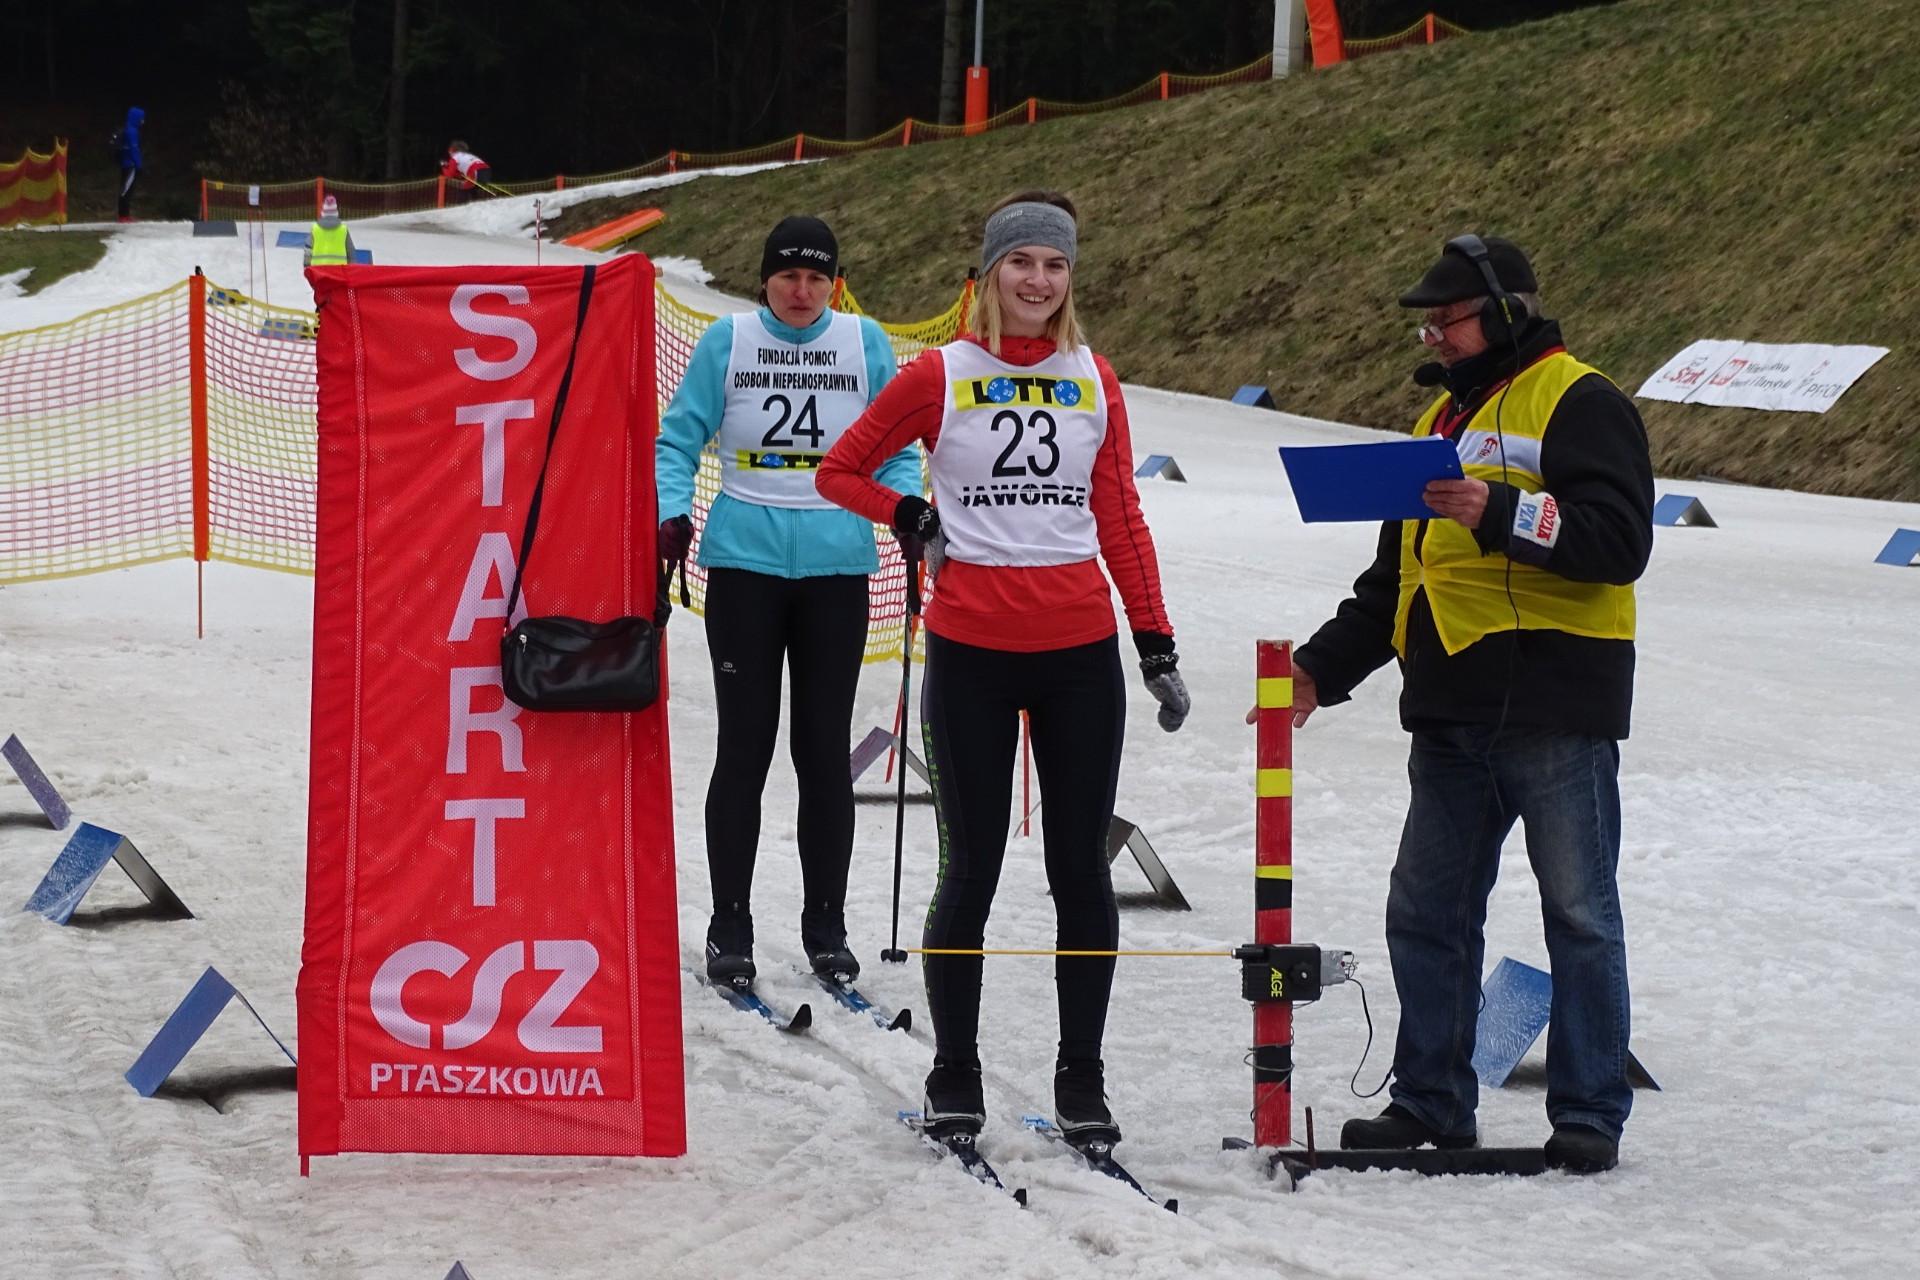 Mistrzostwa Polski ON w biegach narciarskich64